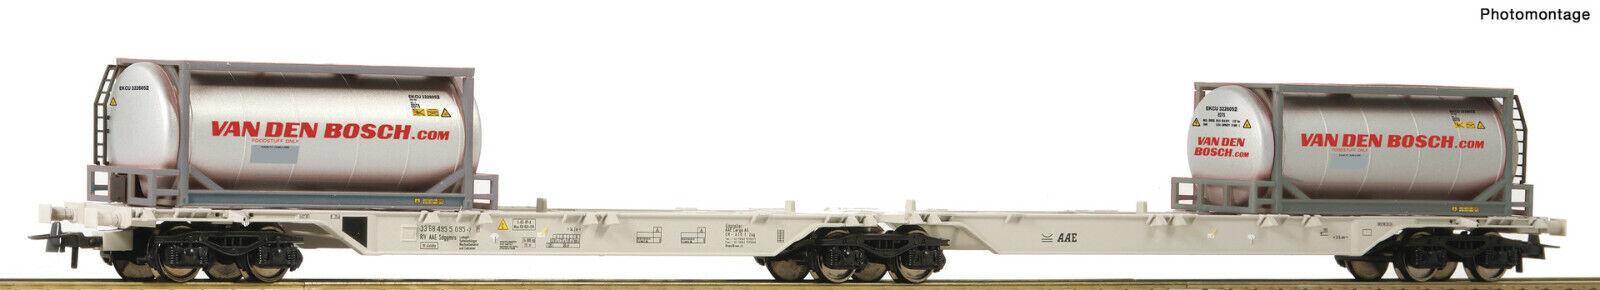 moda Roco H0 76632 Container-Doppeltragwagen    Van Den Bosch  la Aae - Nuevo +  la red entera más baja